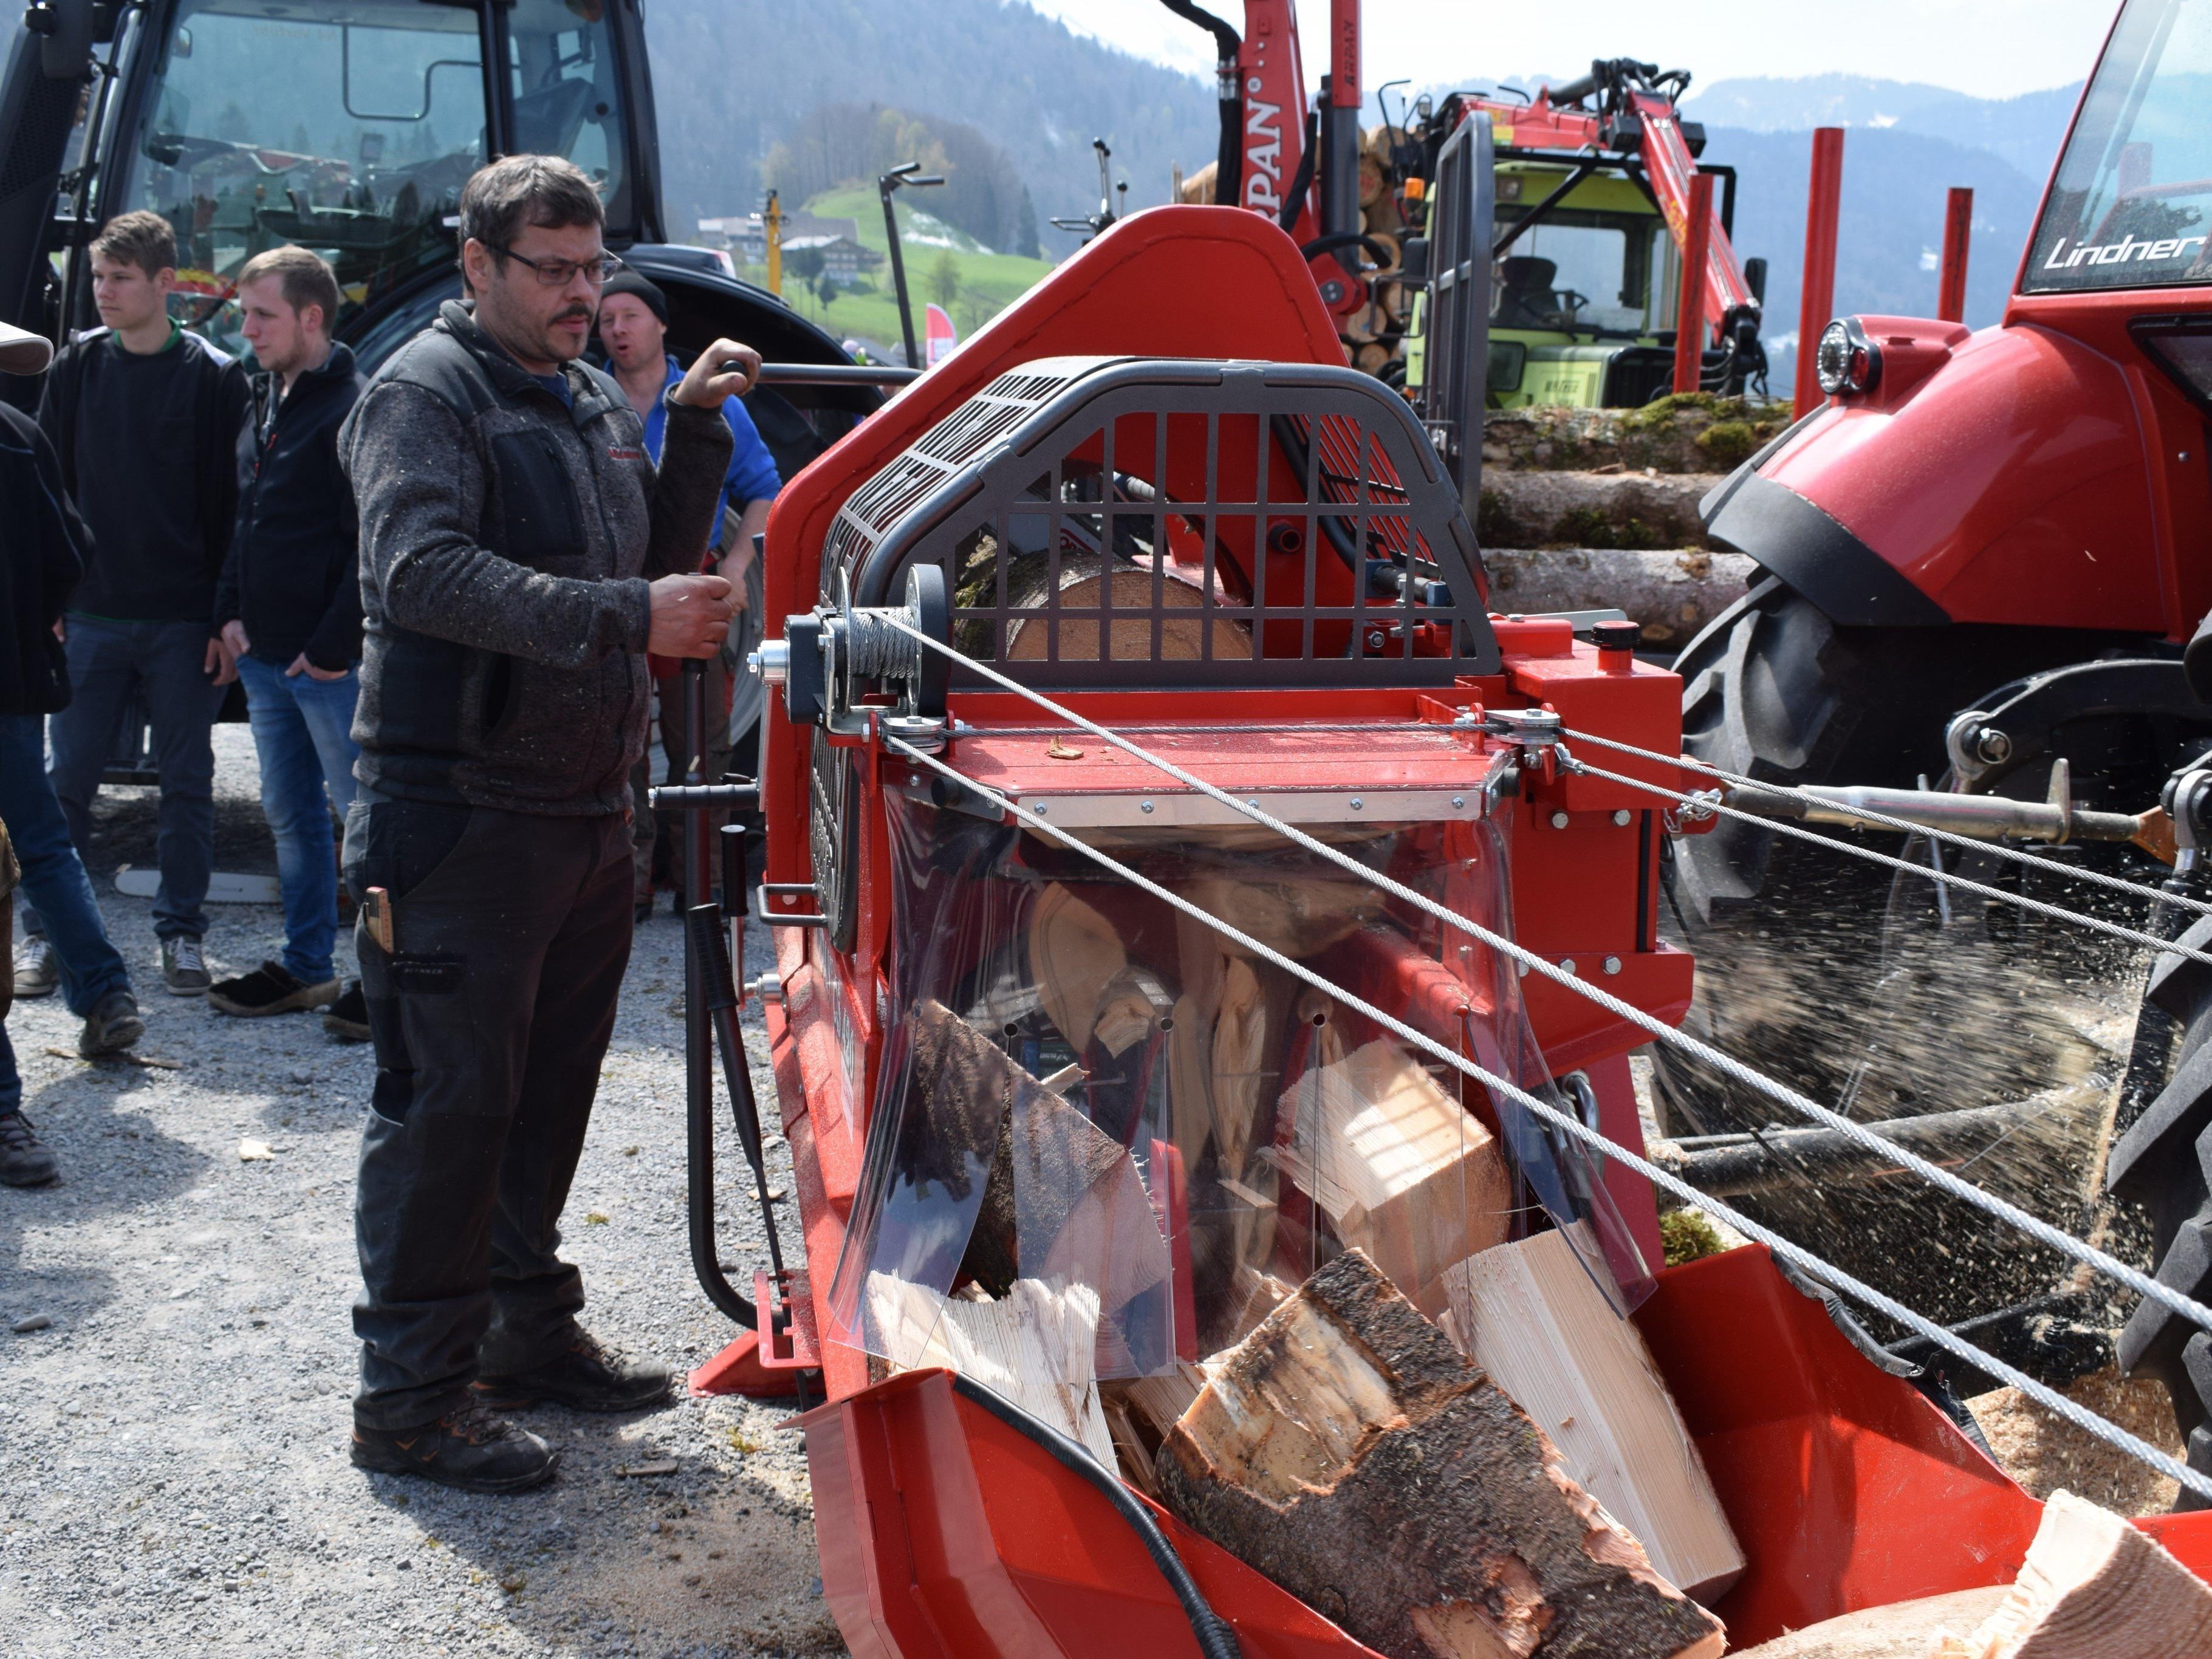 Großes Besucherinteresse an modernster Technik beim Forsttag in Andelsbuch.